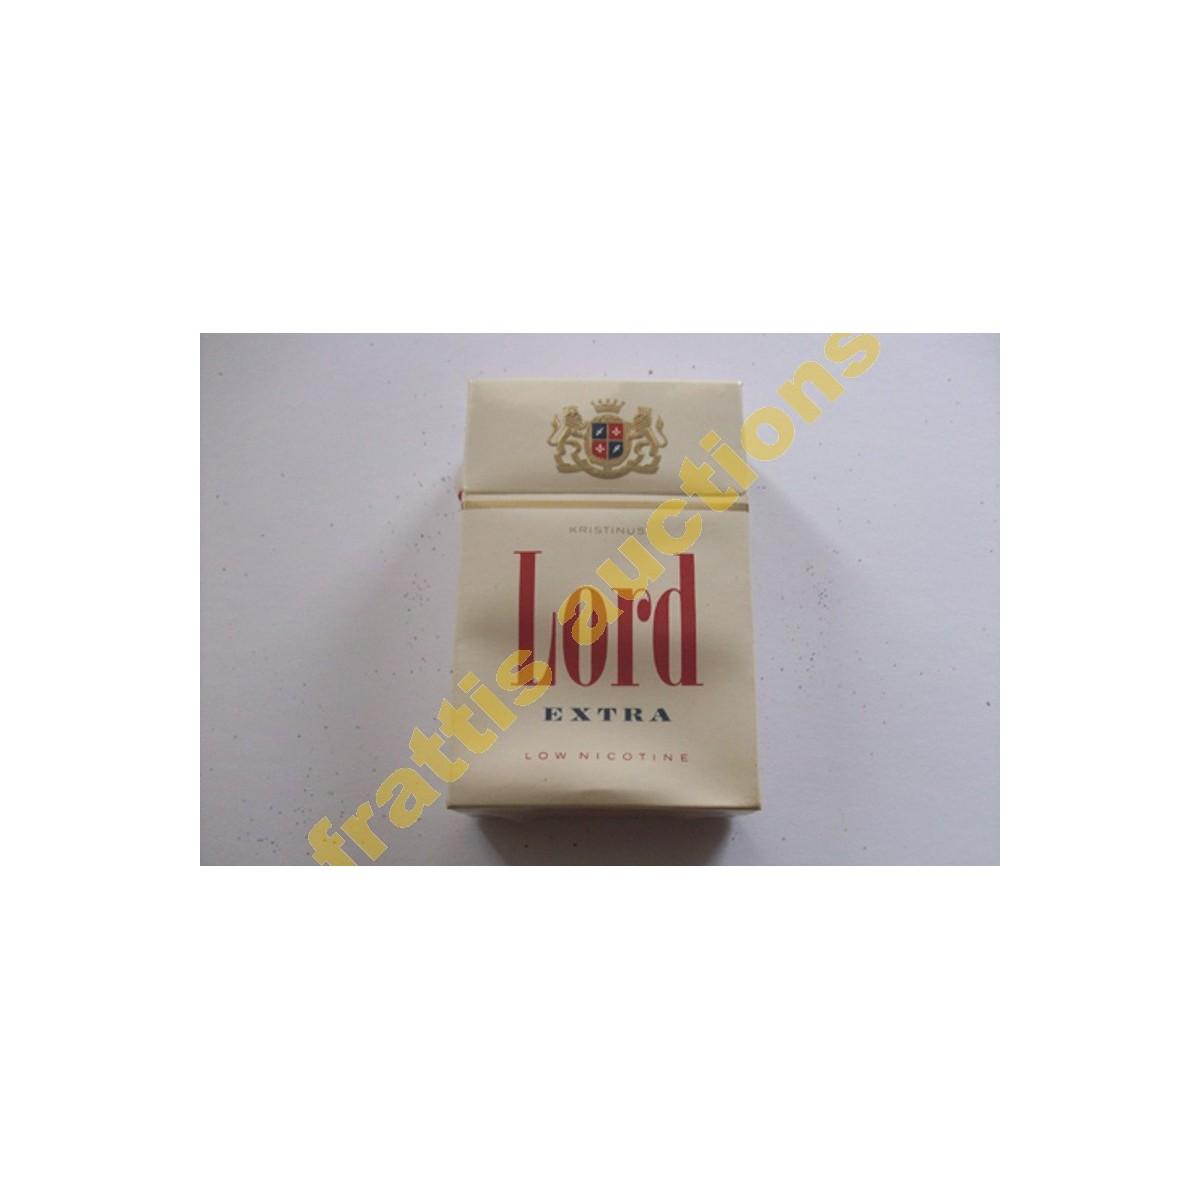 Χάρτινο πακέτο των 20 τσιγάρων LORD Extra. Γερμανία.